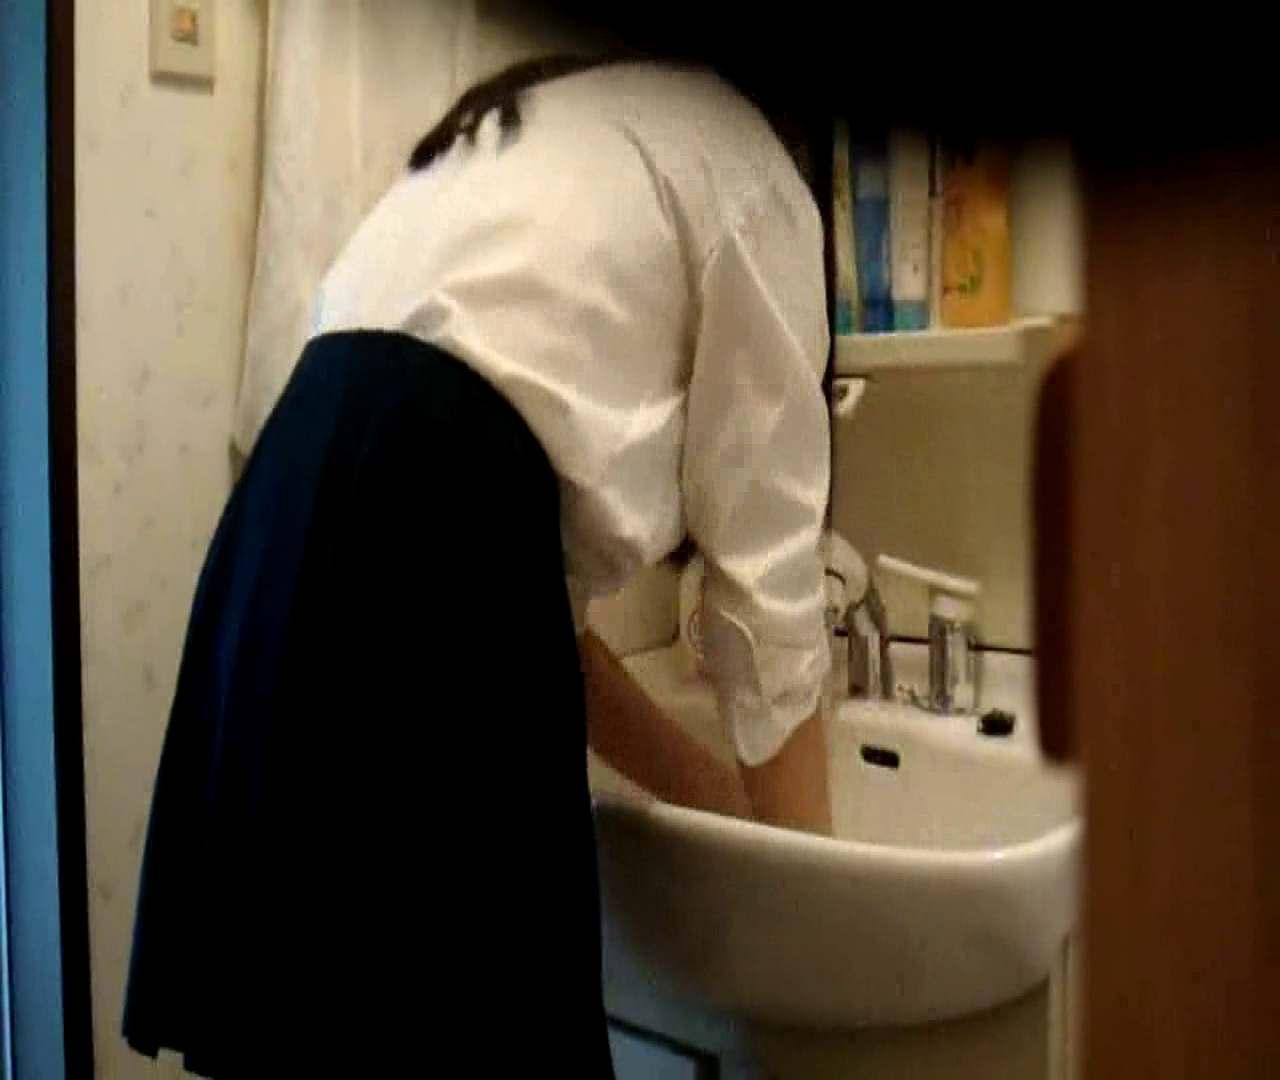 二人とも育てた甲斐がありました… vol.05 まどかが洗顔後にブラを洗濯 HなOL | 0  98pic 79